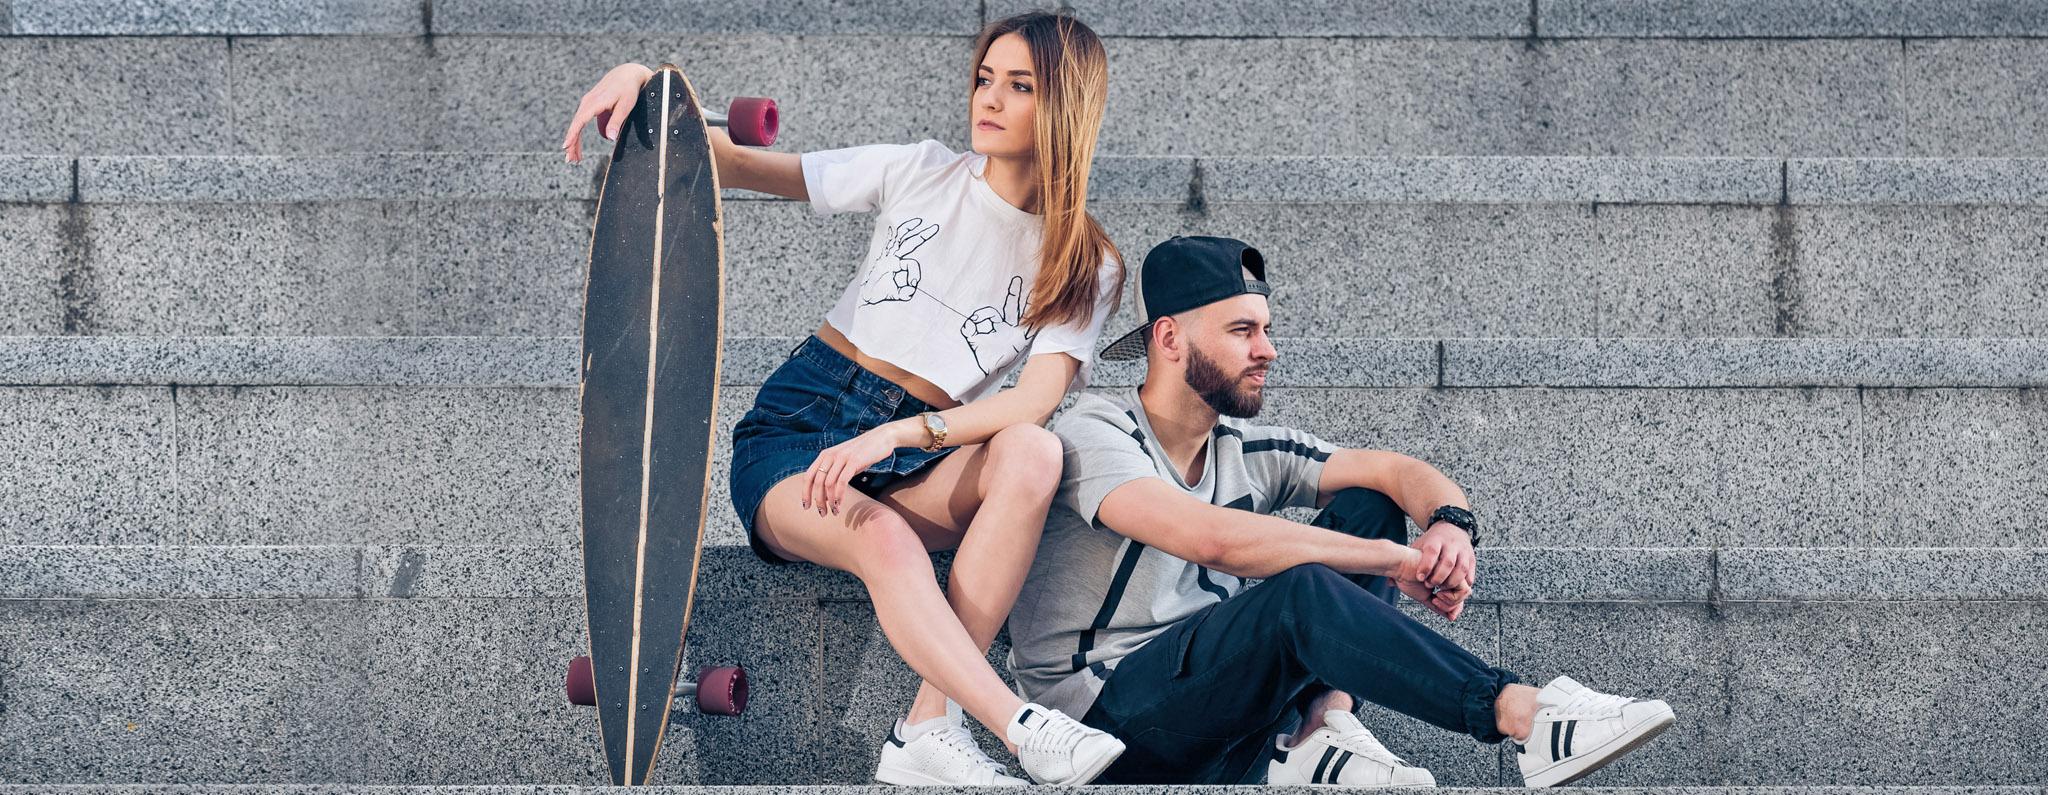 Bilder VU Header Photography 18 Streetwear - Skateboarder